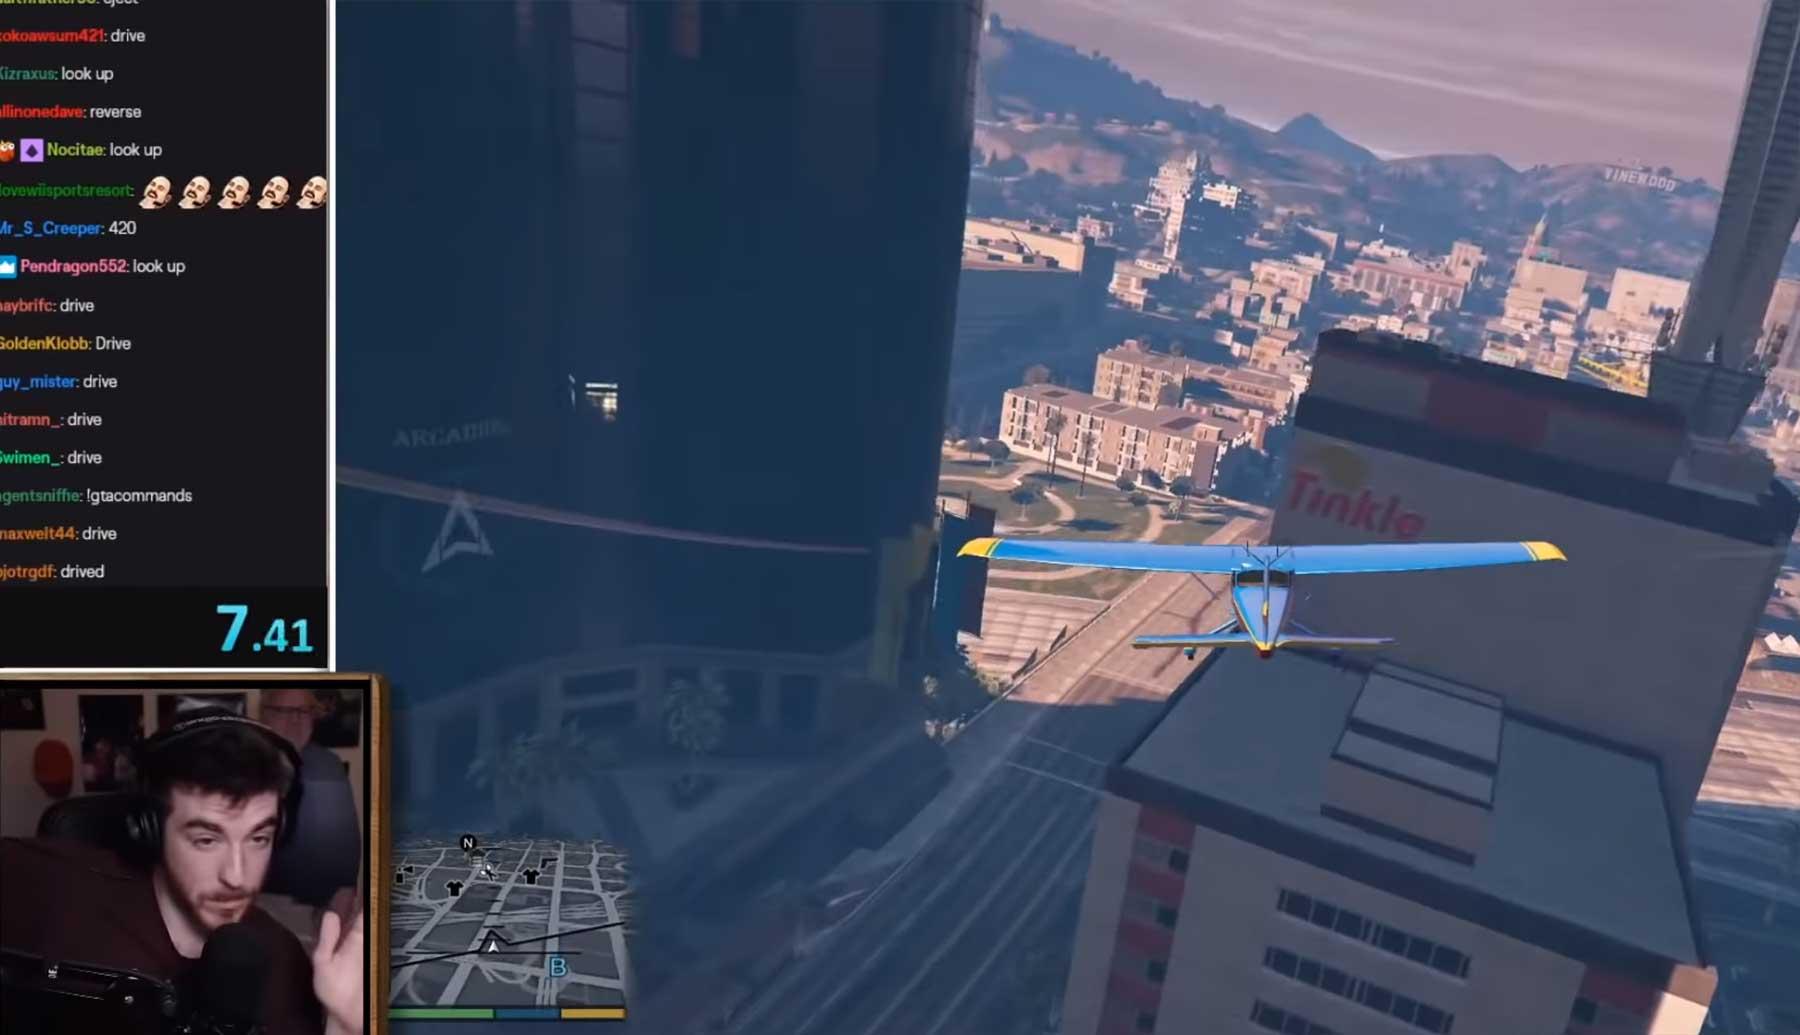 Twitch-Chat versucht, ein Flugzeug in GTA V zu steuern